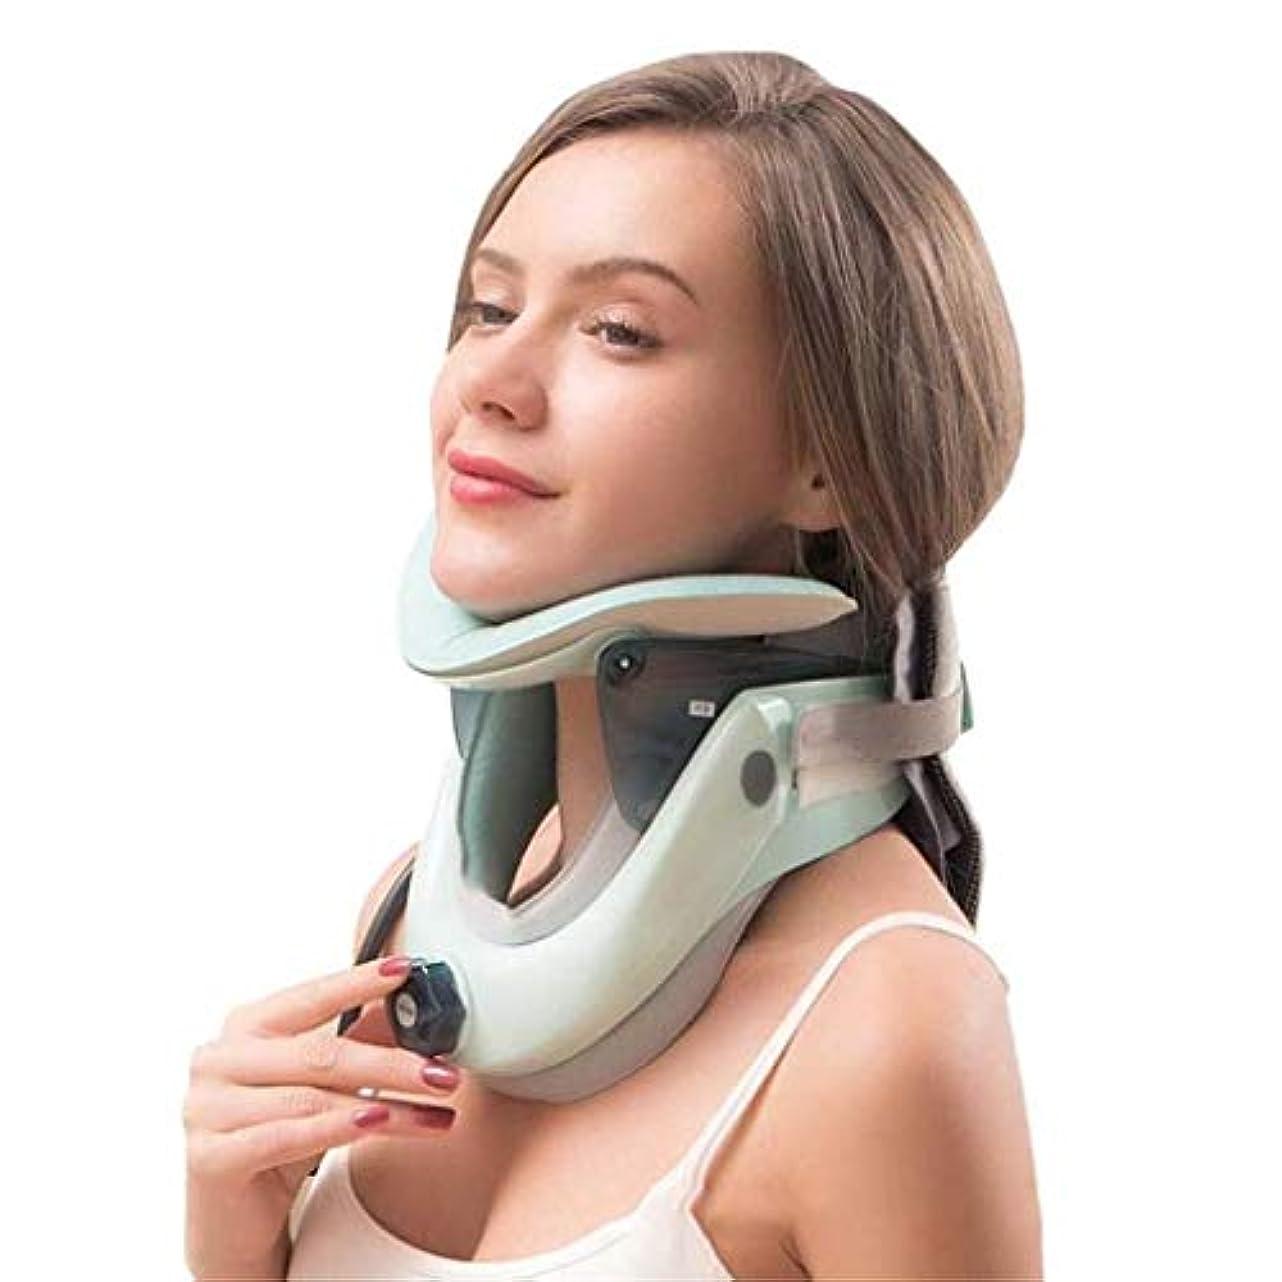 悲しいことに類推白鳥頸部牽引ツール、医療用頸部牽引装置、家庭用インフレータブルネックサポート頸部サポート、ストレッチヘッド補正サポート、首と肩のマッサージャーのサポート痛みの軽減